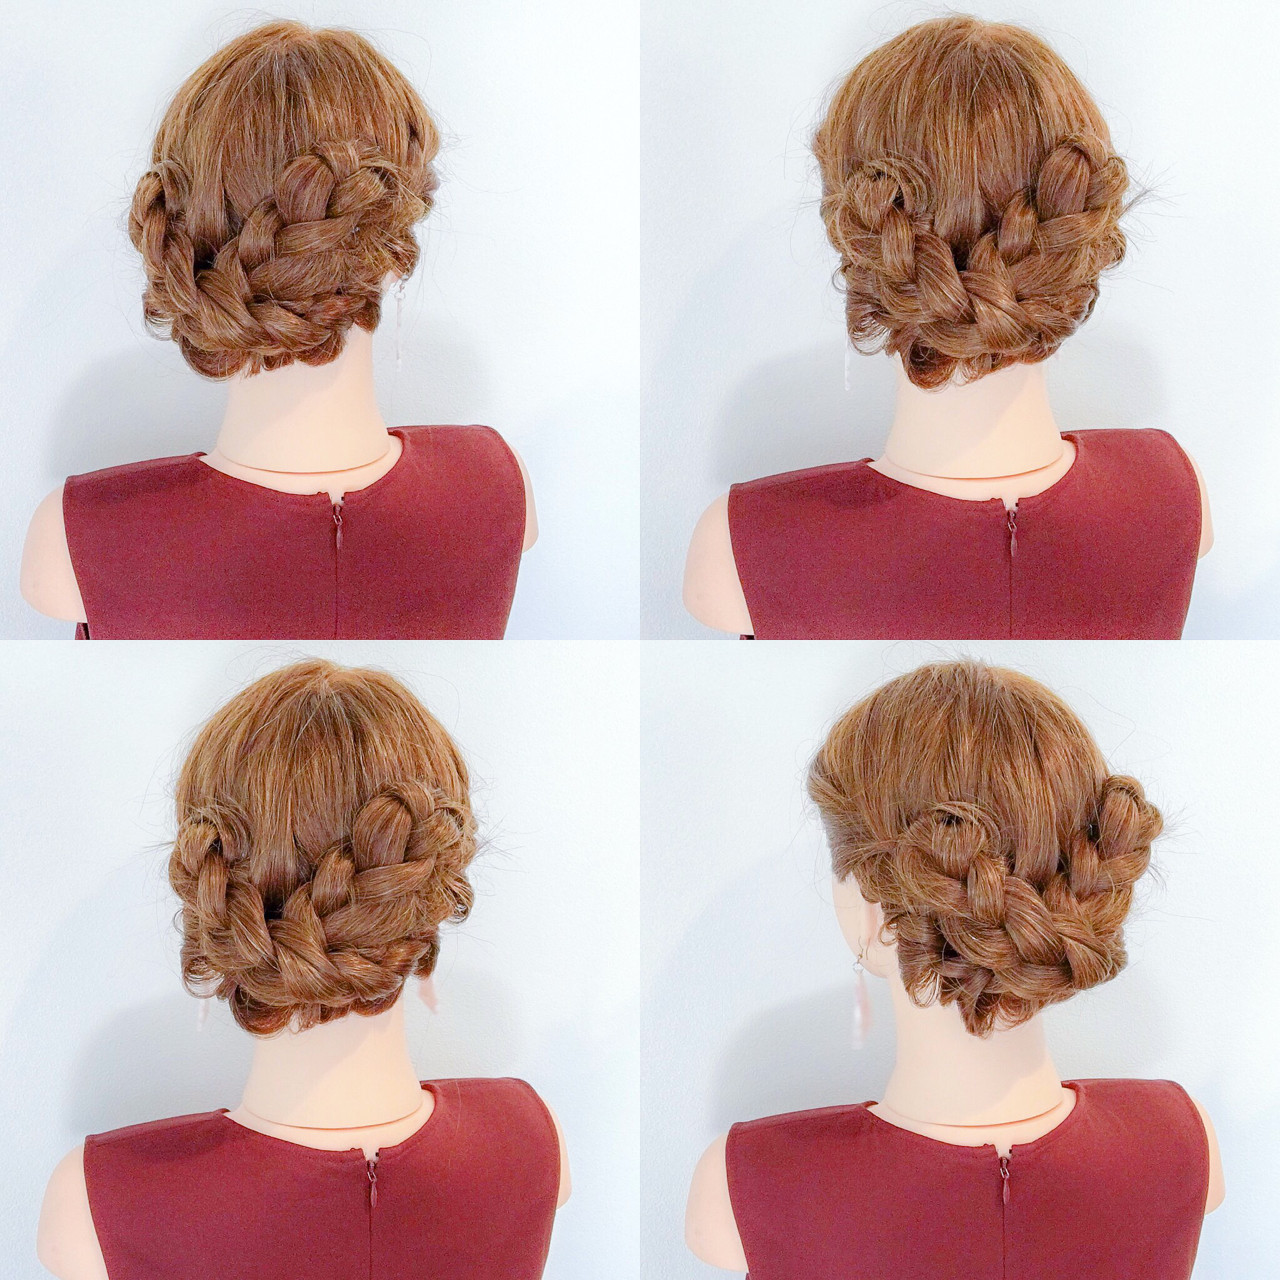 ヘアアレンジ 夏 上品 涼しげ ヘアスタイルや髪型の写真・画像